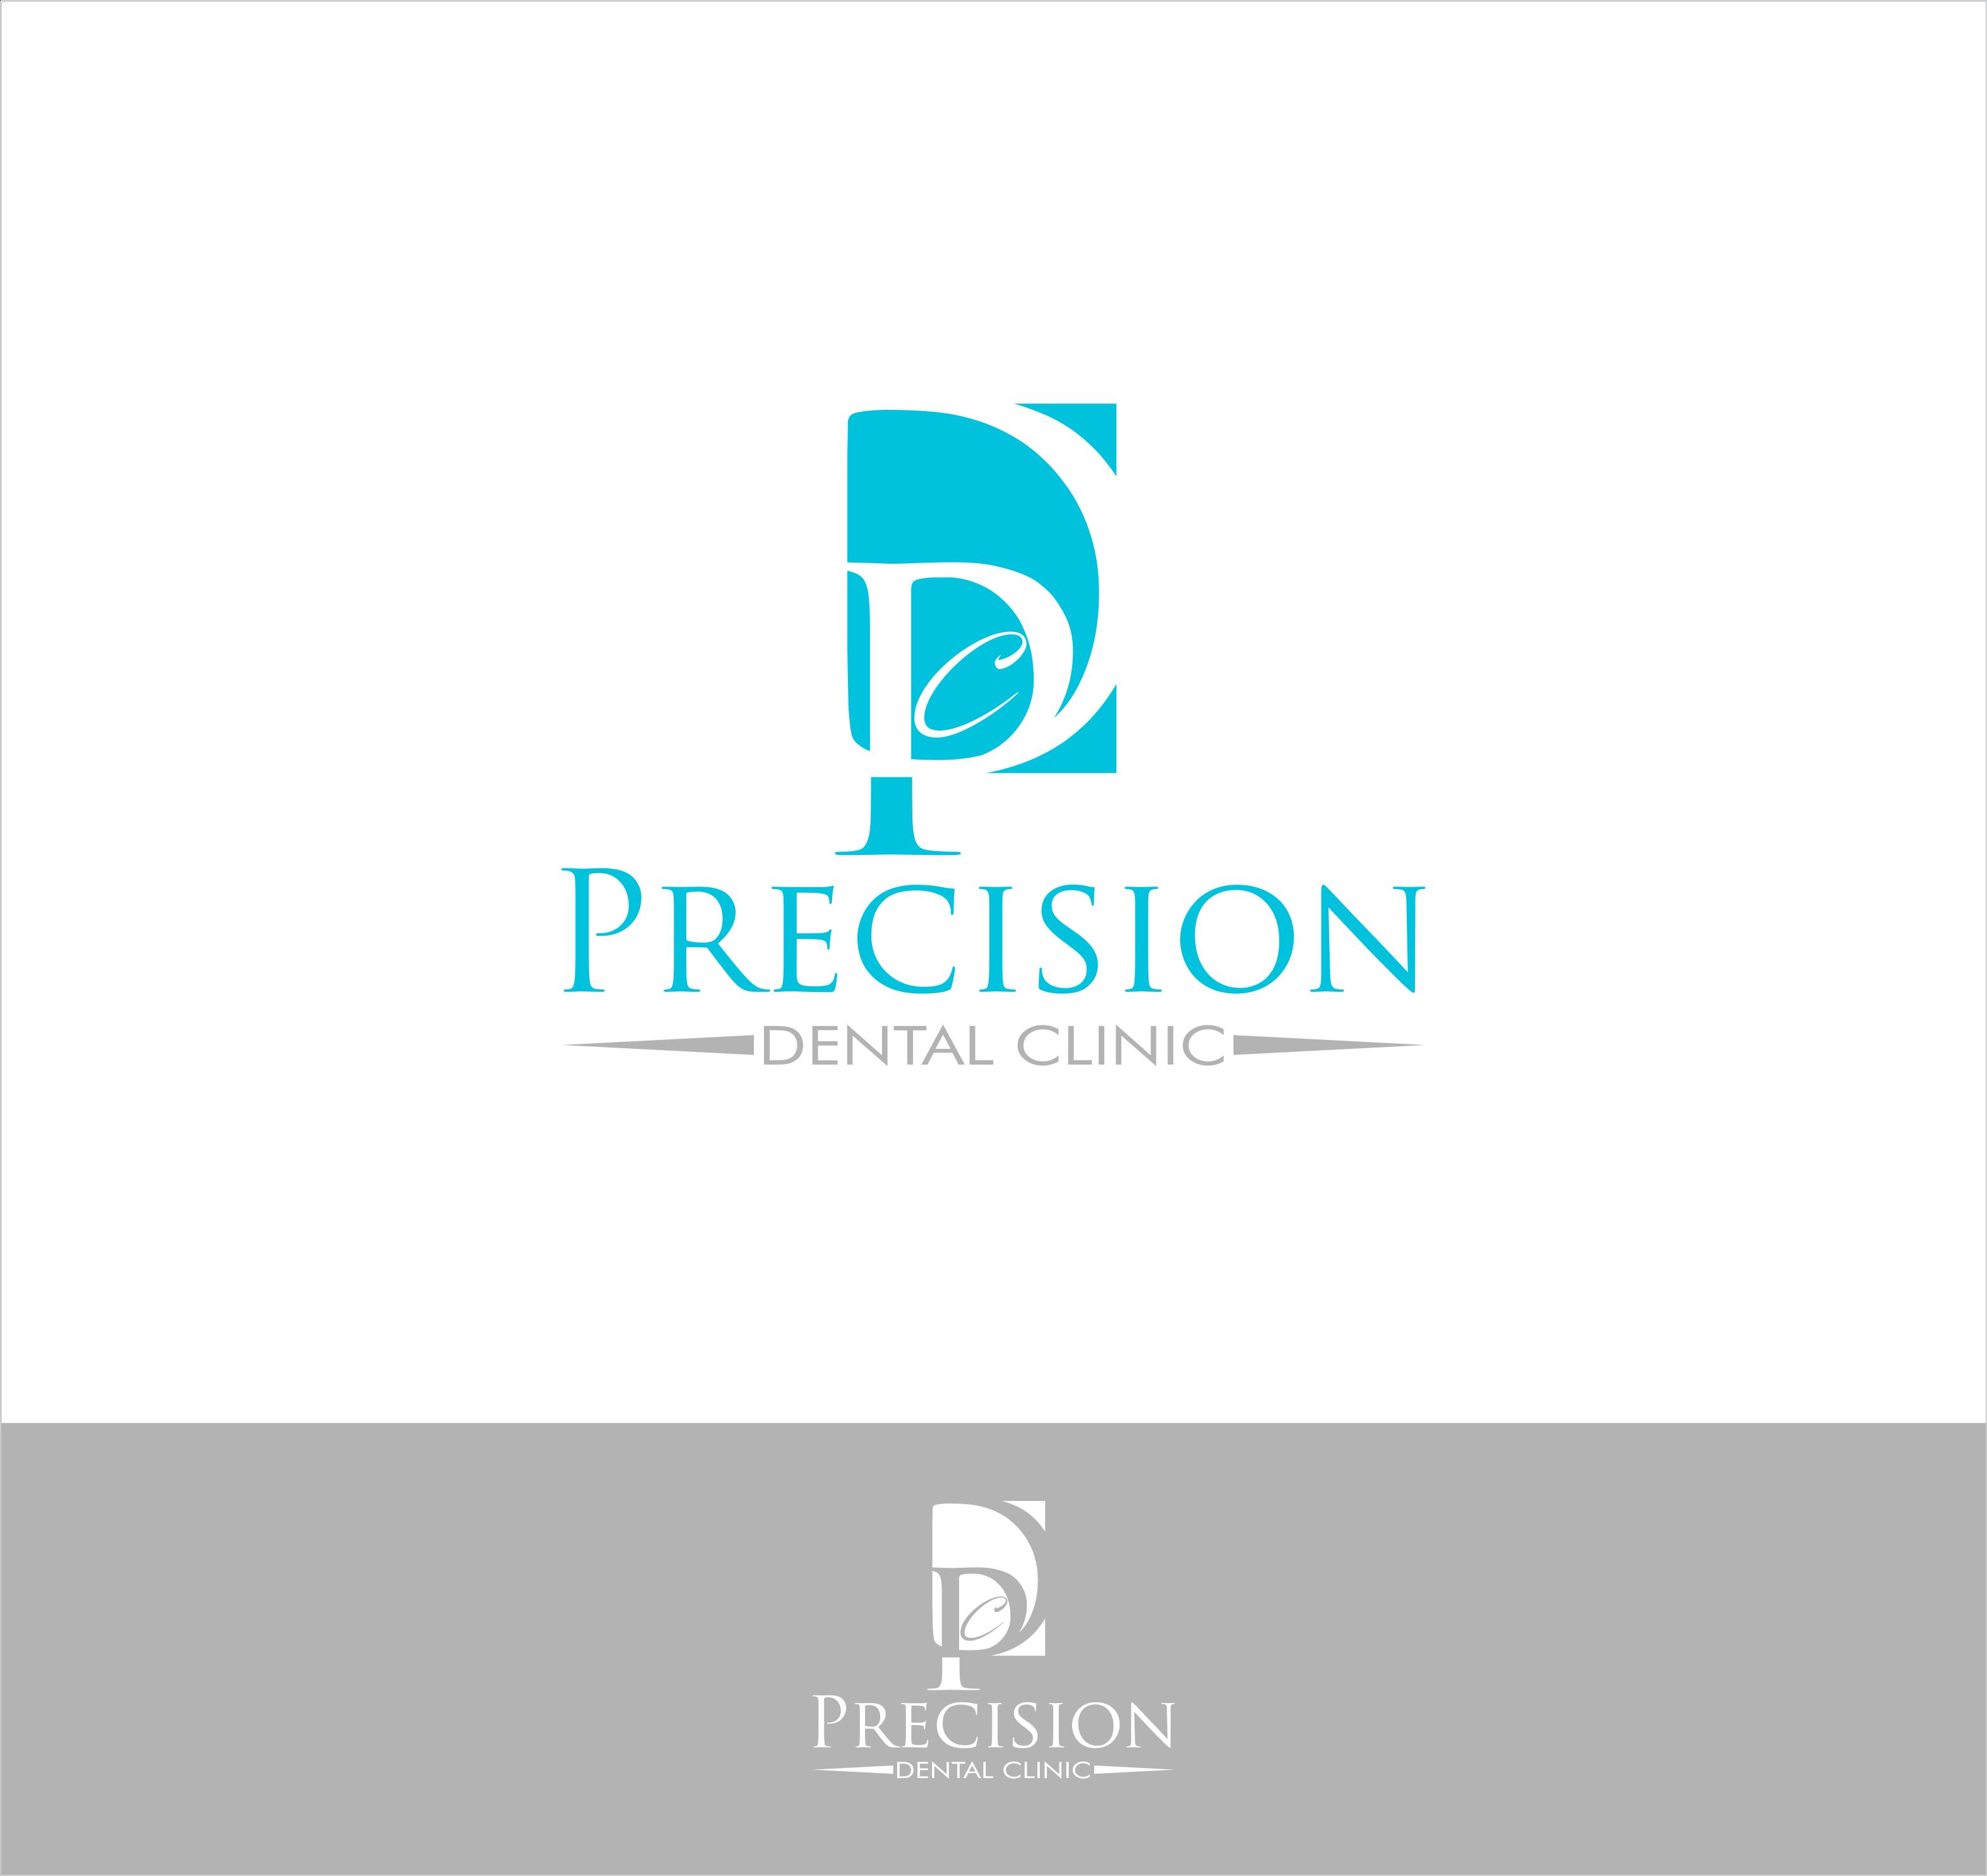 Logo Design by snow - Entry No. 50 in the Logo Design Contest Captivating Logo Design for Precision Dental Clinic.